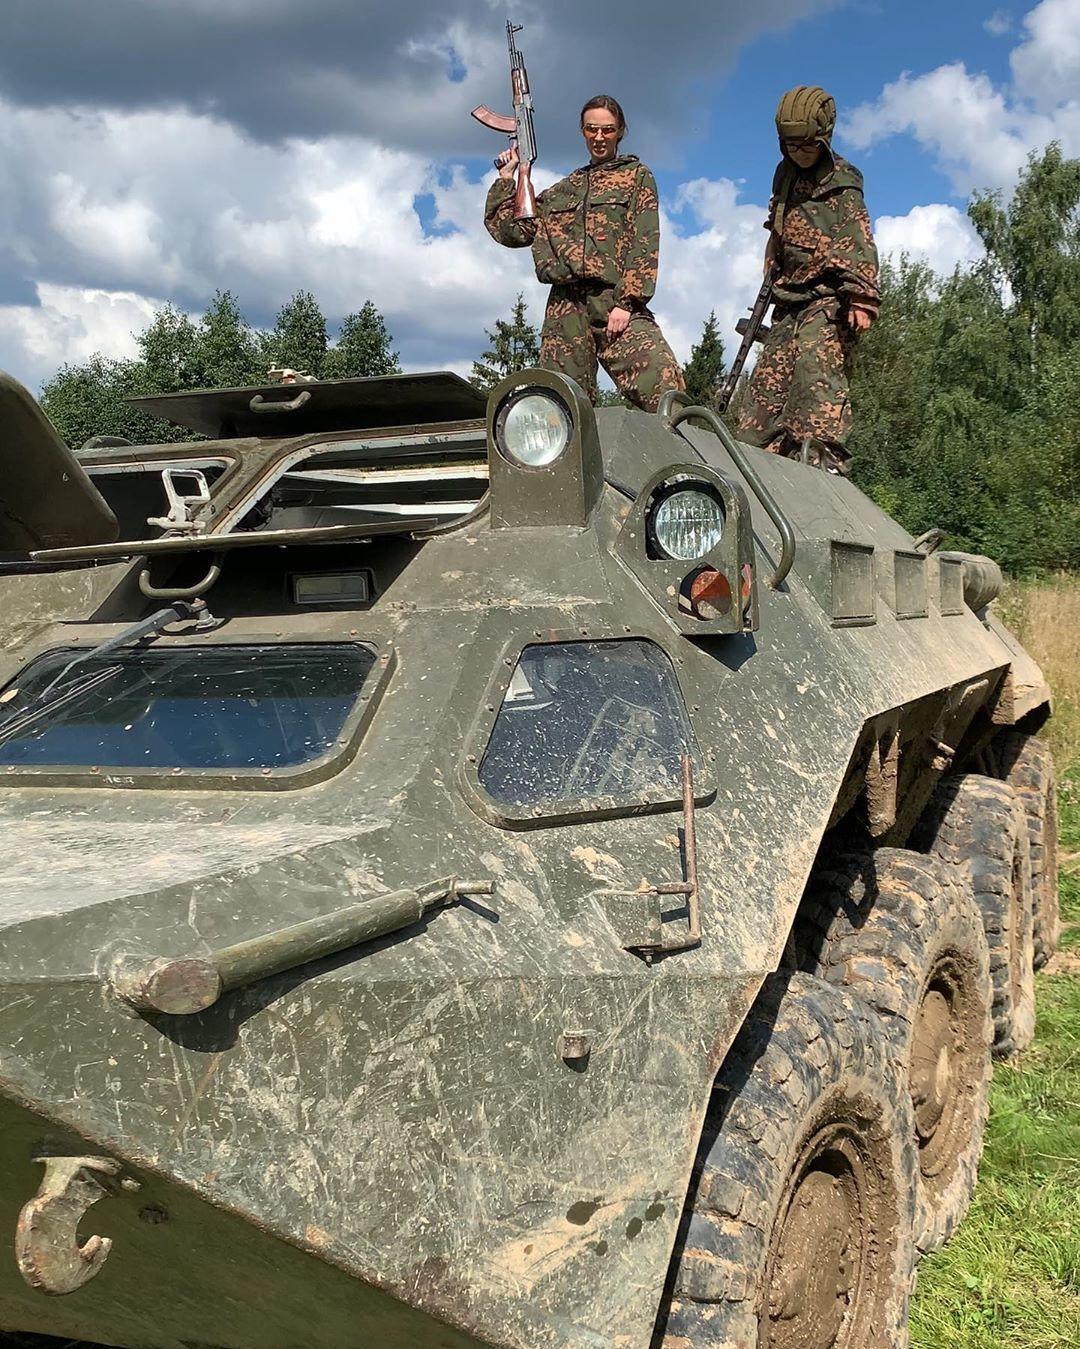 Водонаева взяла в руки автомат и высмеяла Лукашенко с сыном (Instagram Алены Водонаевой)